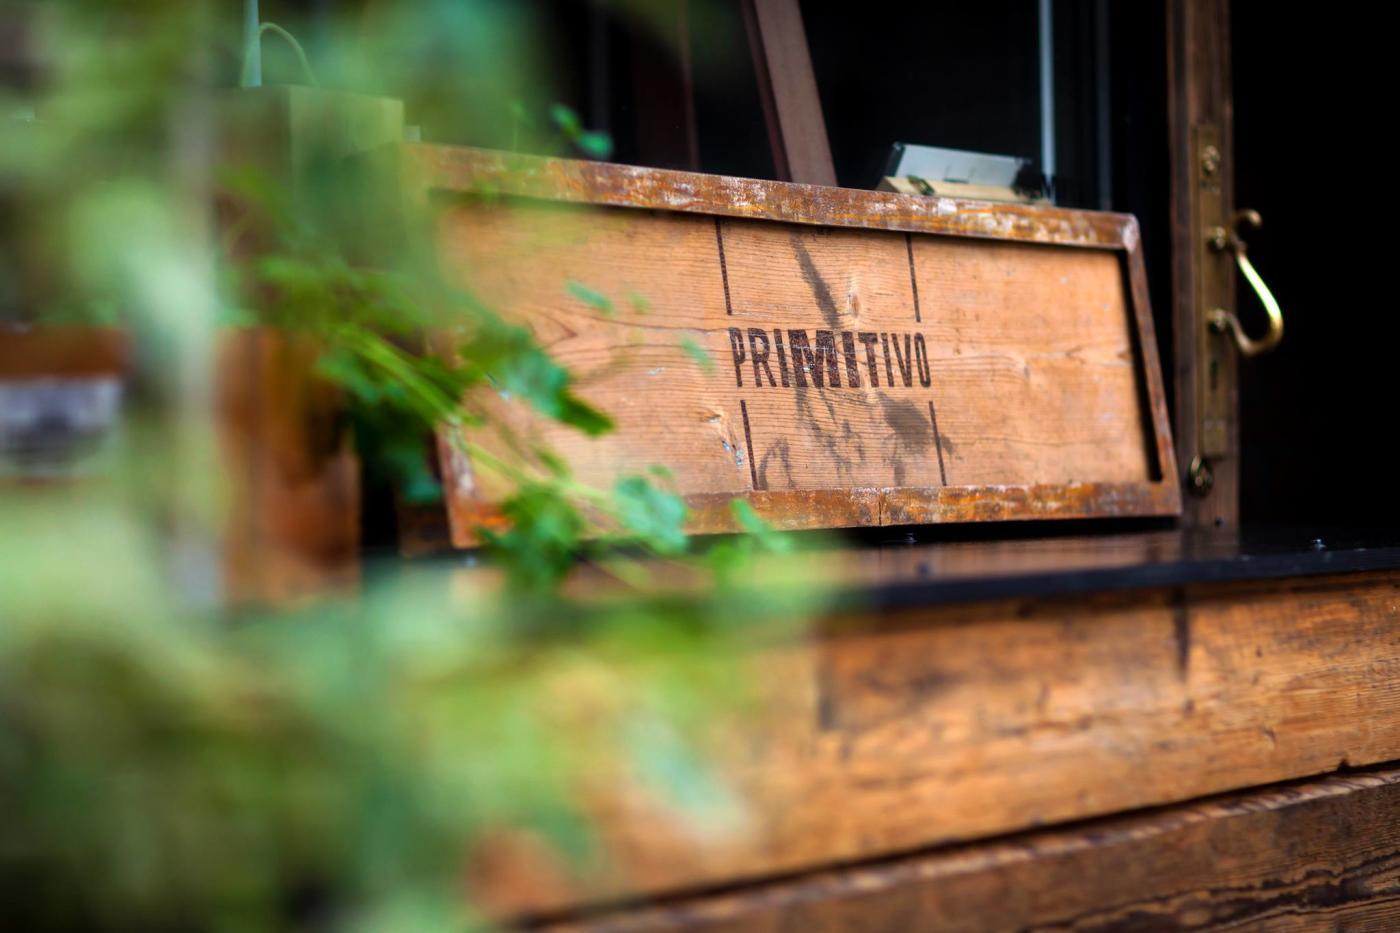 Винный ресторан Primitivo (Примитиво) фото 12